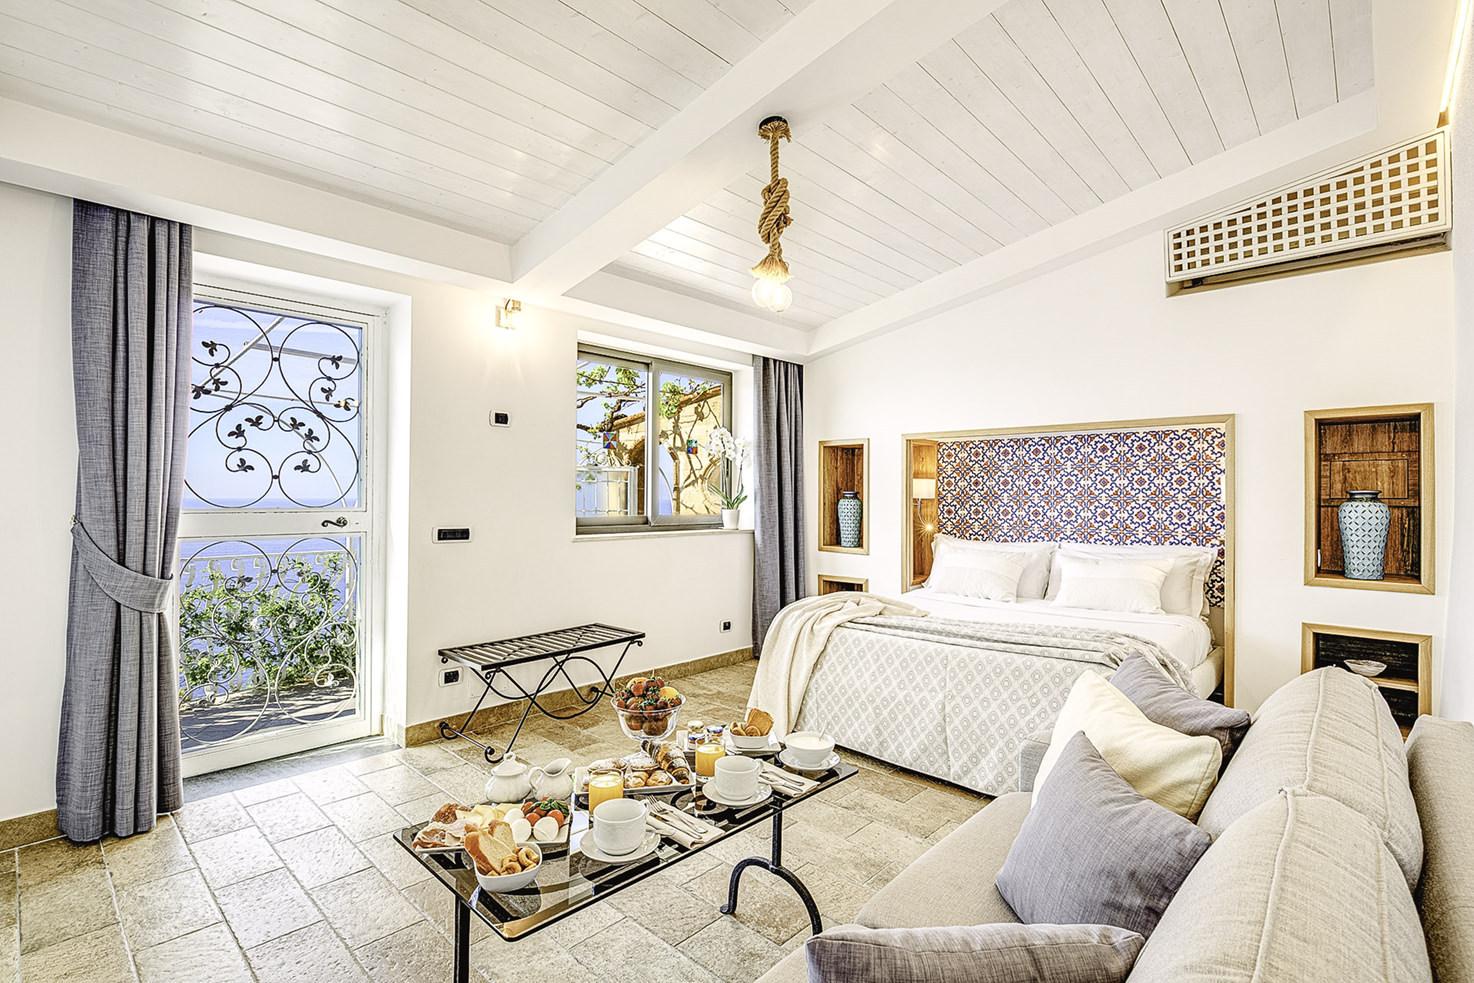 Accommodation at Villa Oliviero, Positano